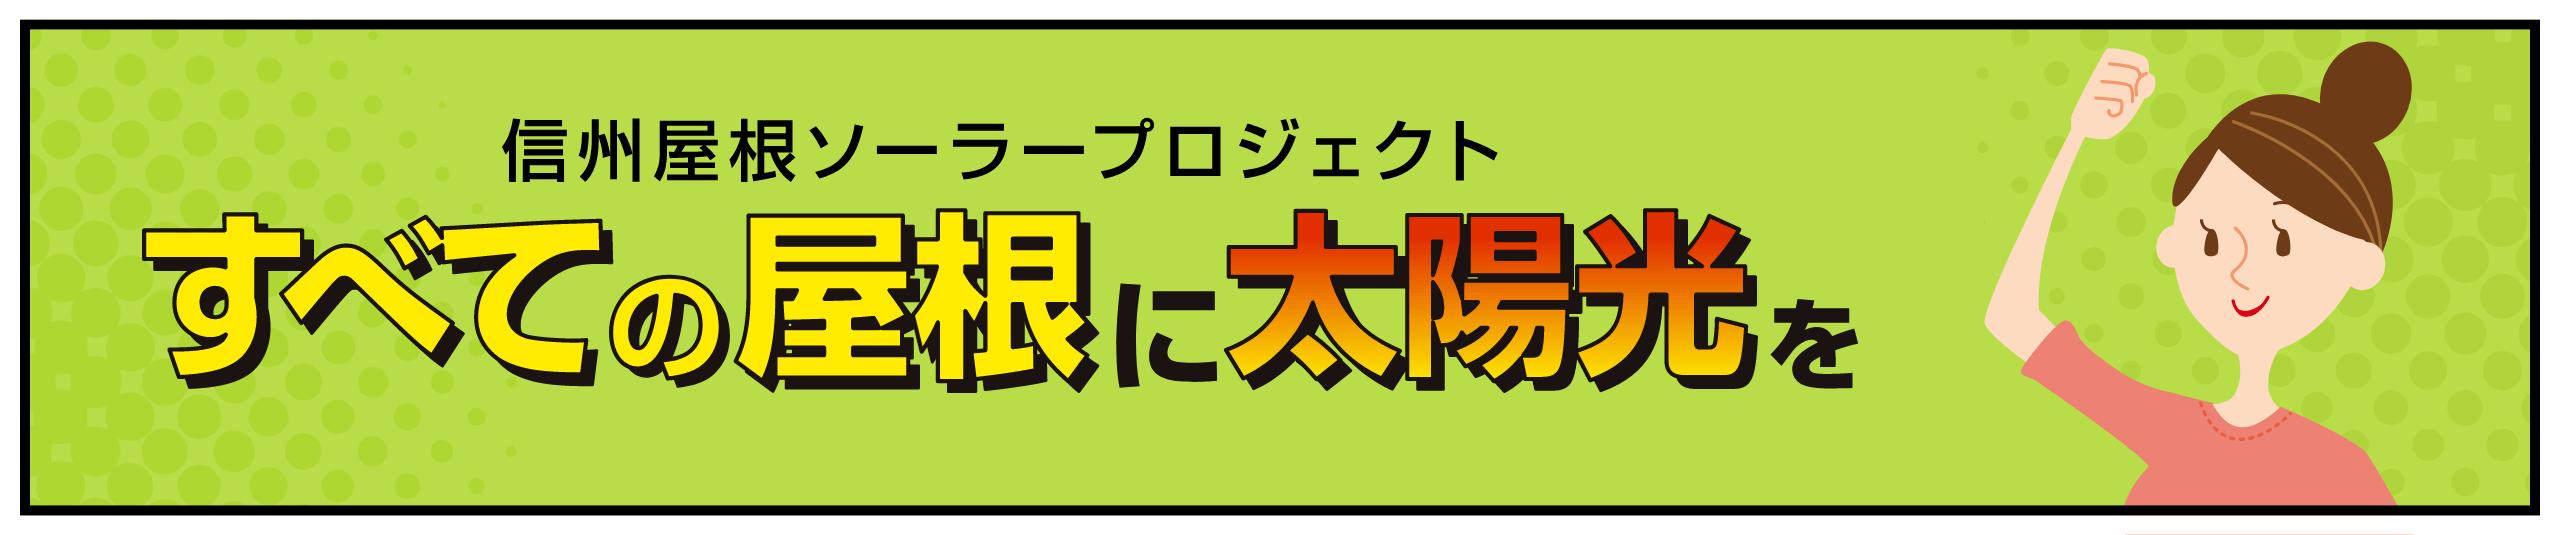 信州屋根ソーラ−プロジェクト